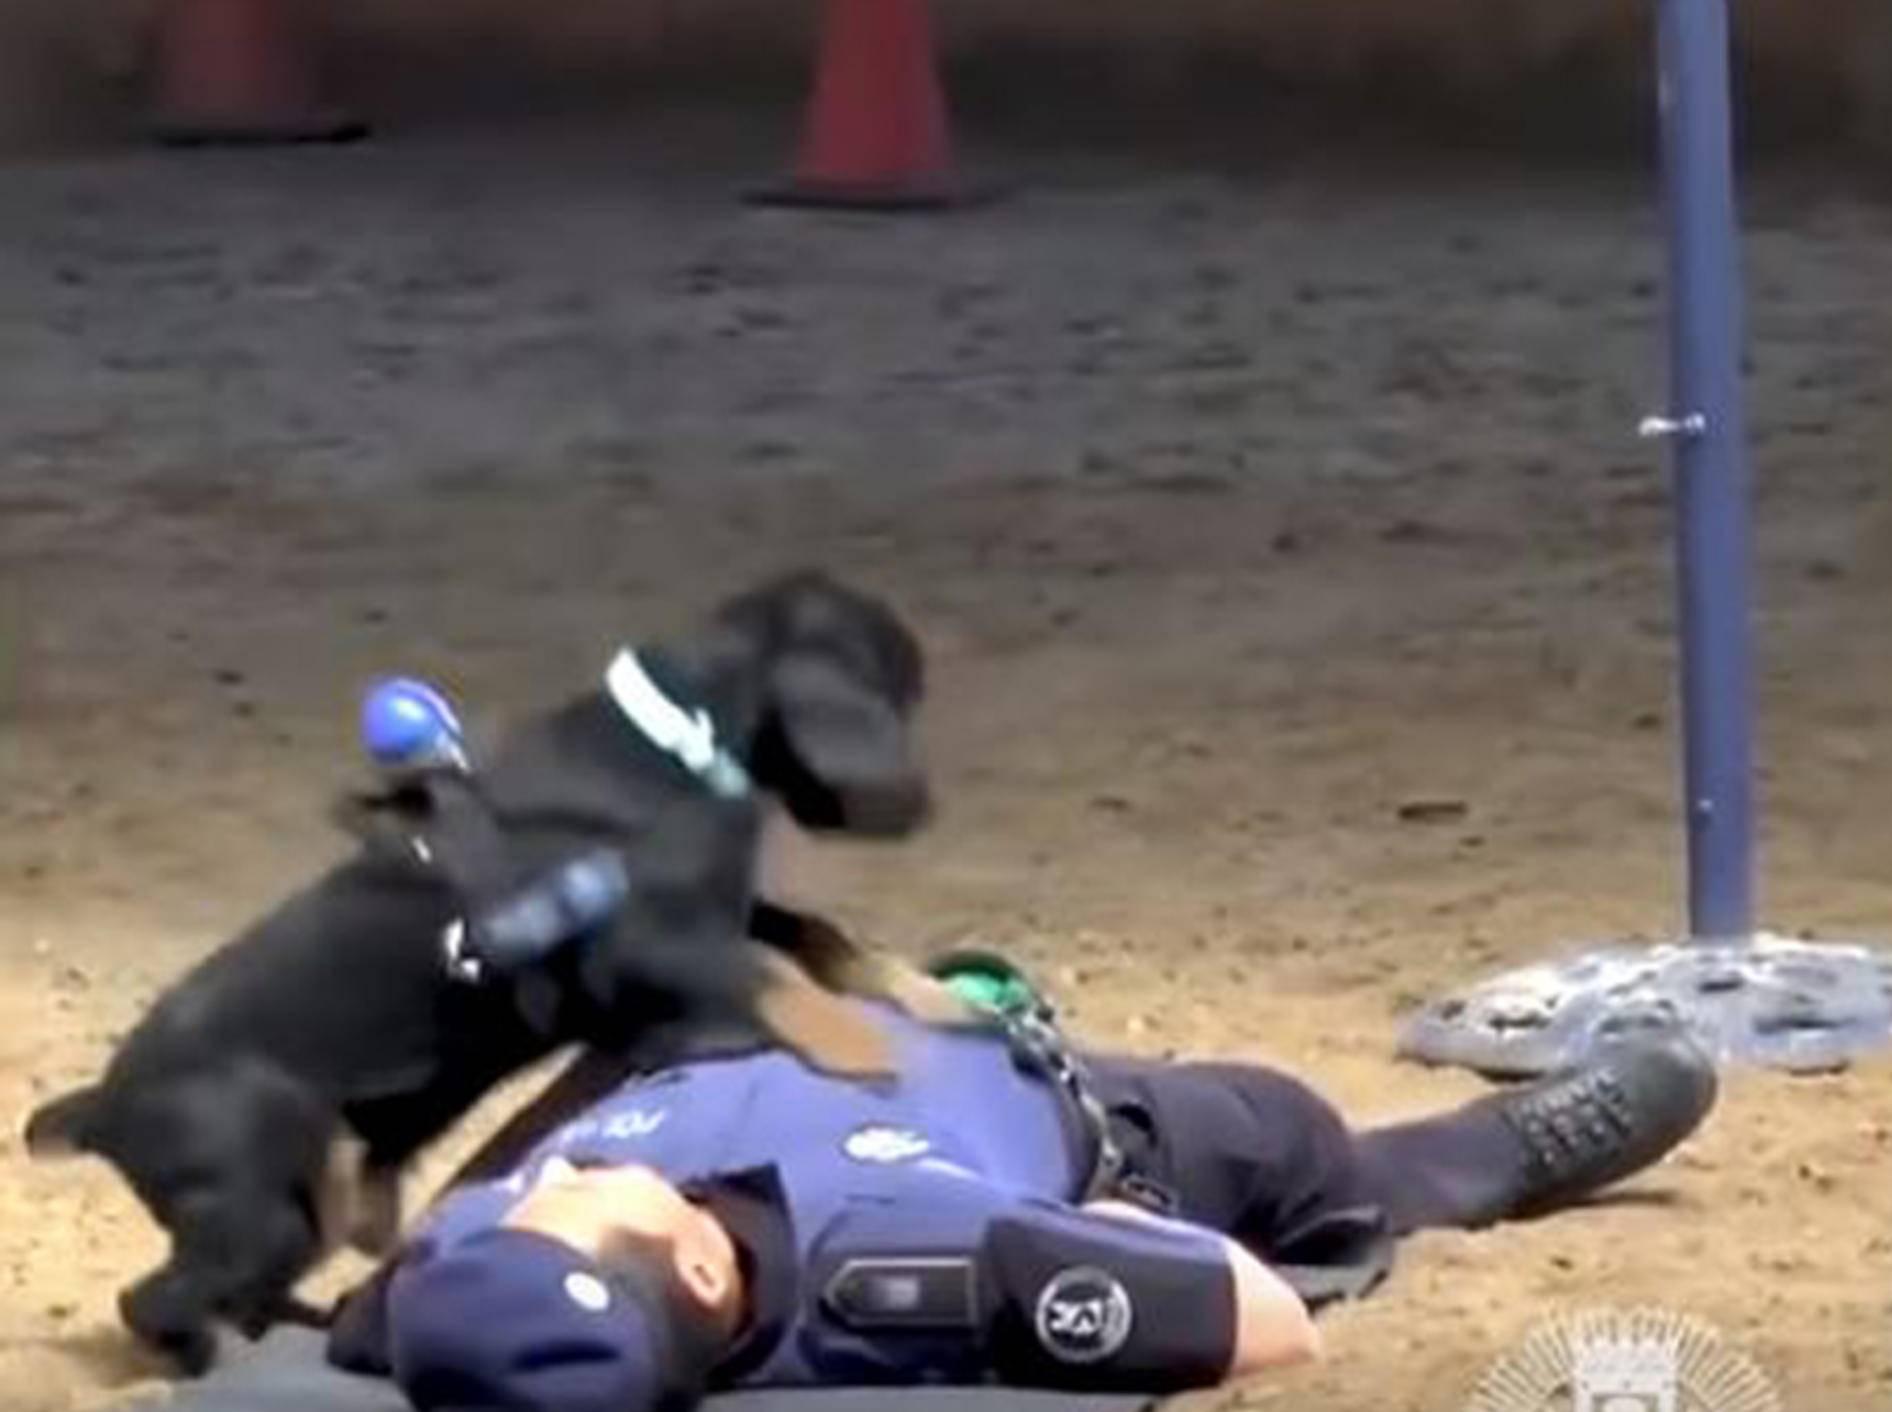 Polizeihund Poncho in Aktion - Bild: YouTube / WELT